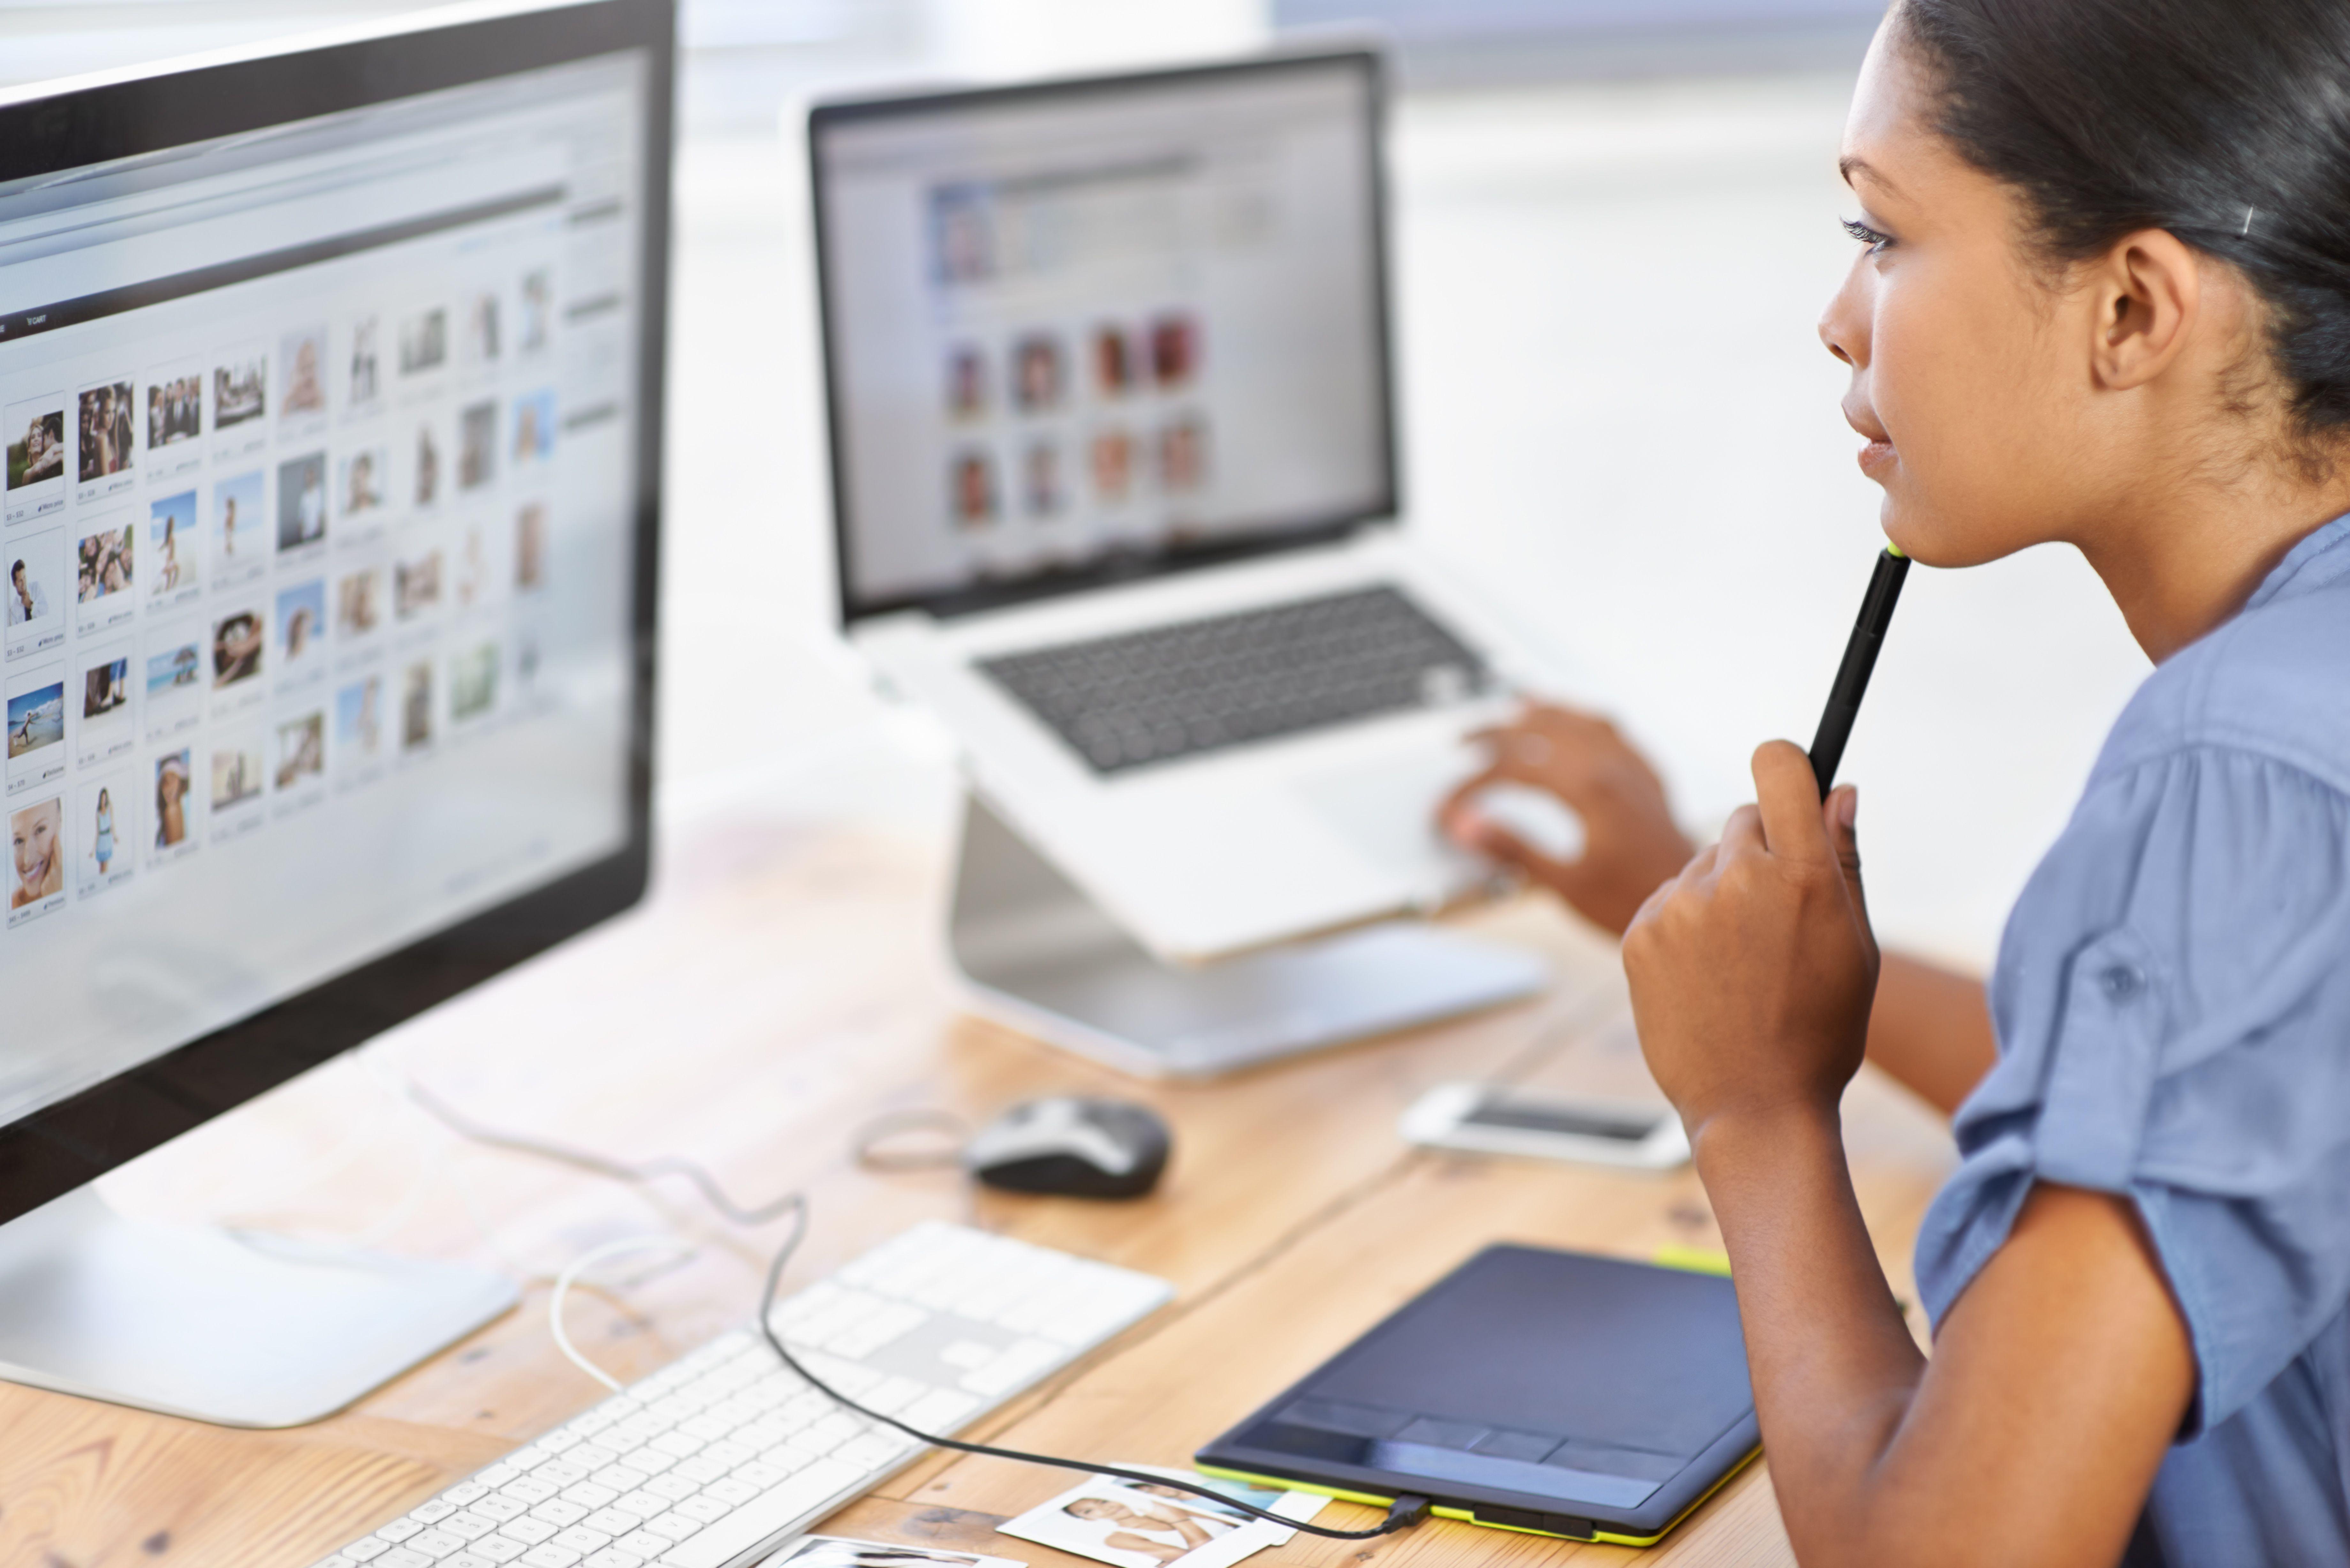 Woman looking at computer screen looking at photos